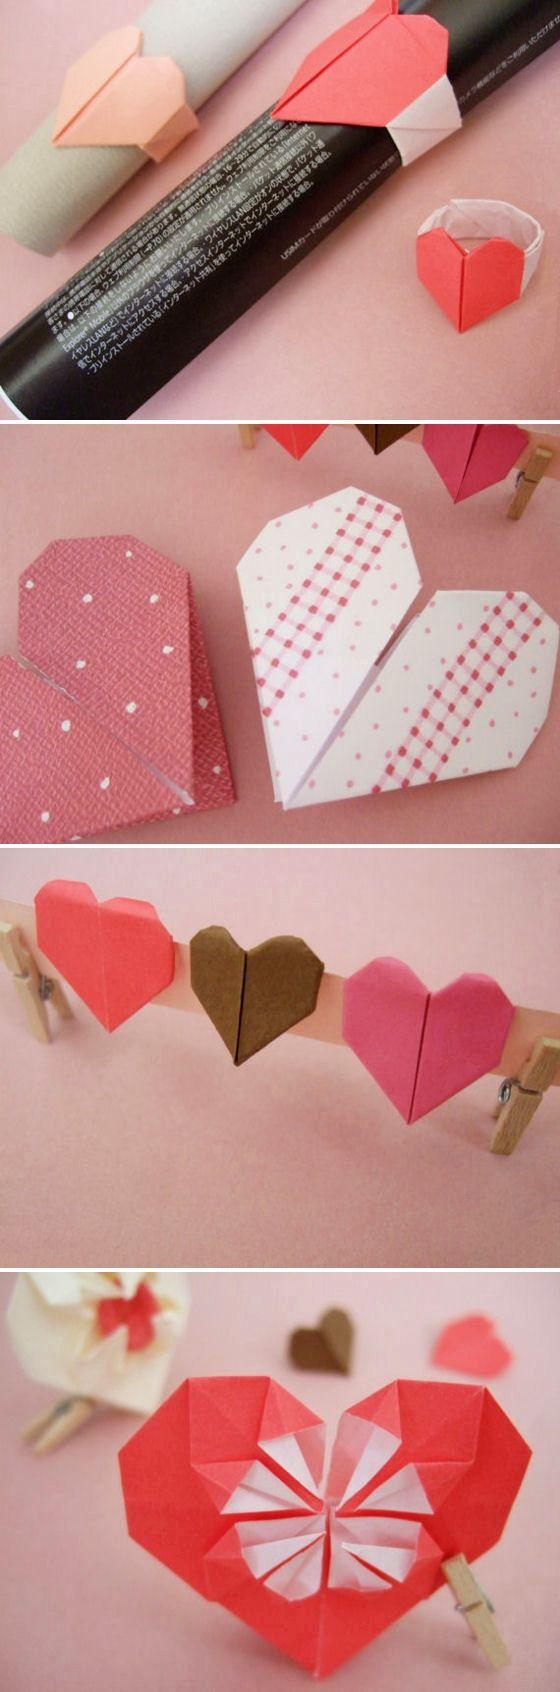 DIY: origami hearts.